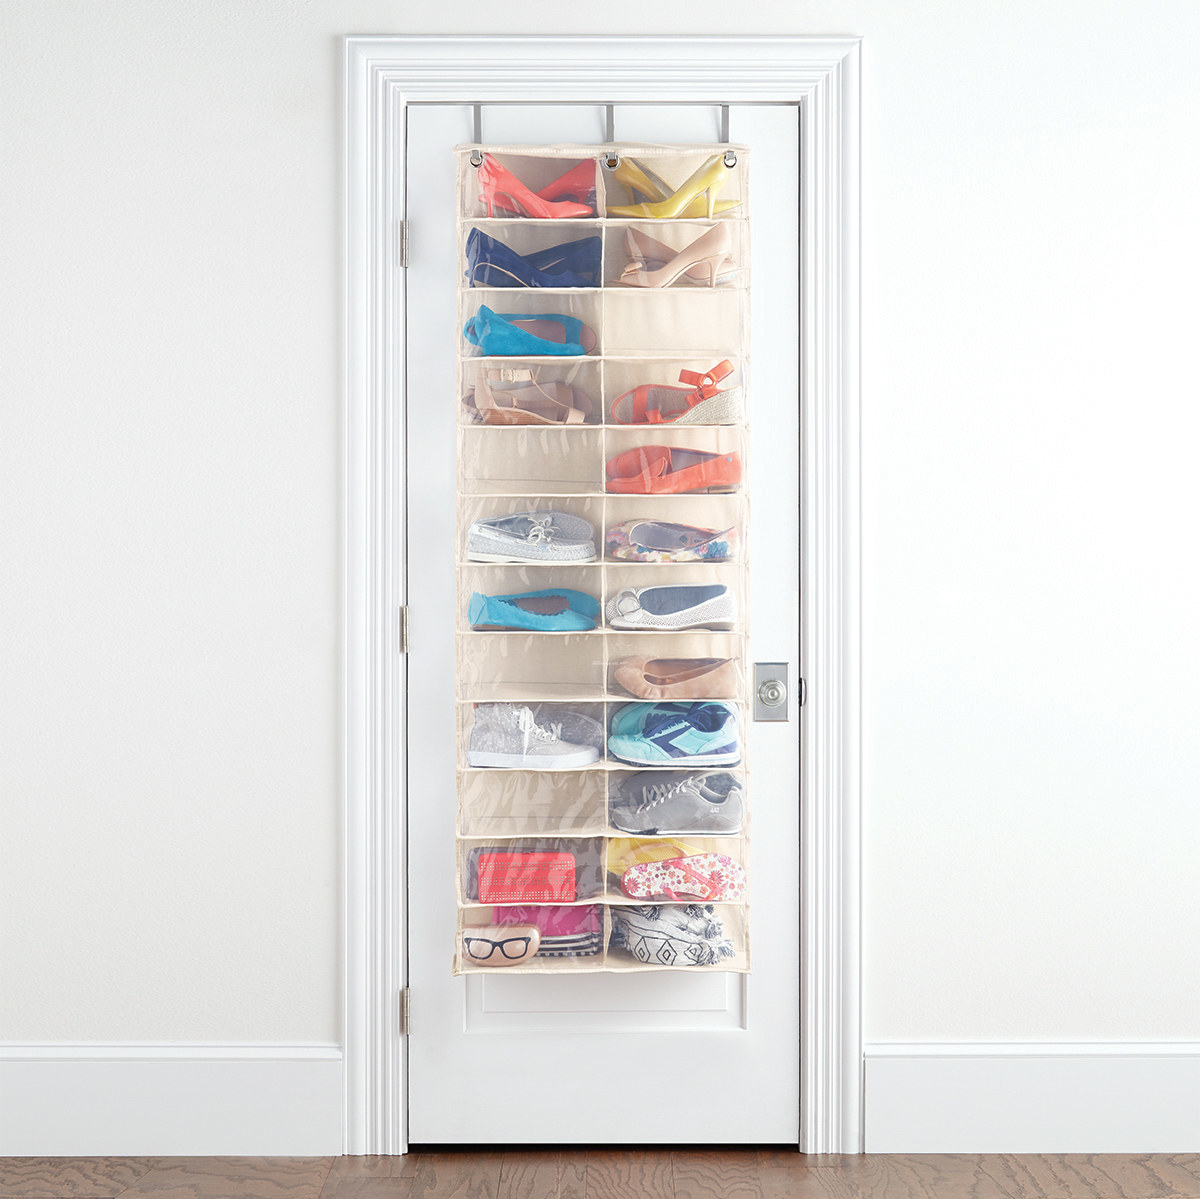 Invierte en uno que sea resistente al peso y con bolsillos lo suficientemente amplios para que quepan los zapatos por pares. Listo, tendrás orden en la casa y sin darte mala vida.